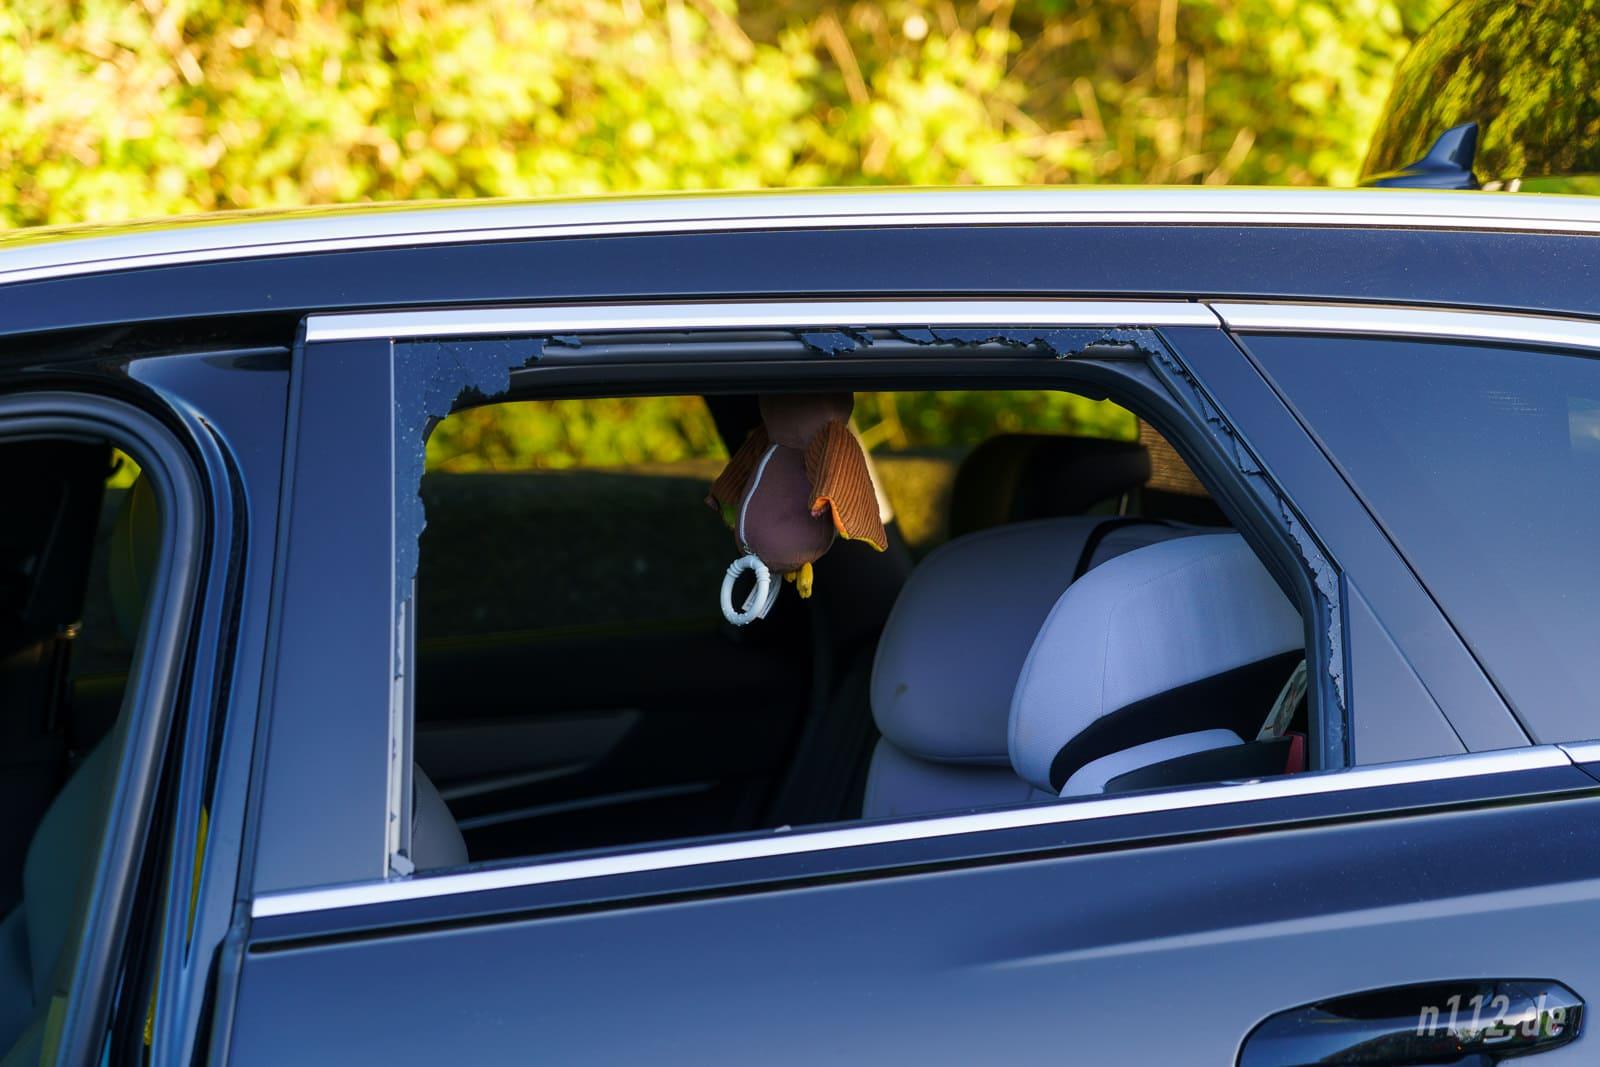 Der Rettungsdienst schlug die Scheibe des Audi ein, um den Bewusstlosen versorgen zu können (Foto: Stefan Simonsen/n112.de)